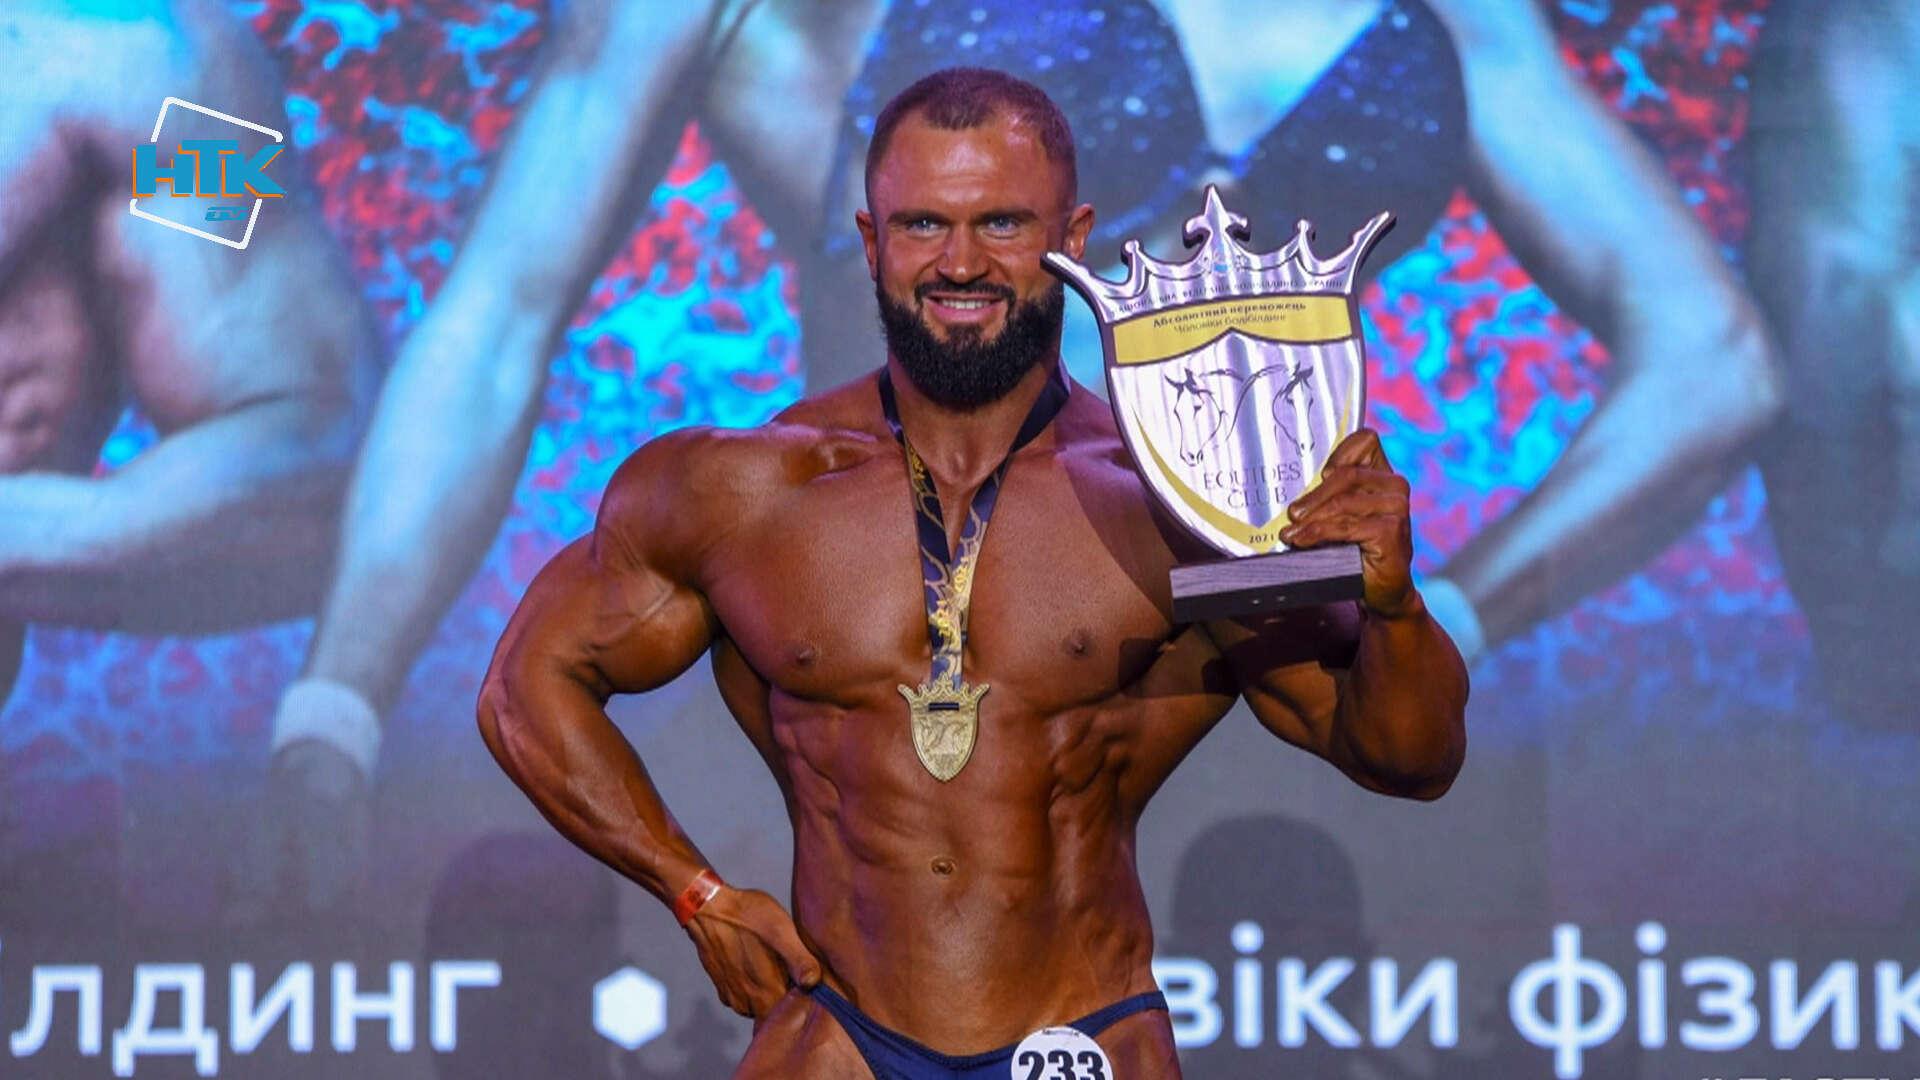 Коломиянин став абсолютним переможцем серед топових бодибілдерів країни (ВІДЕО)